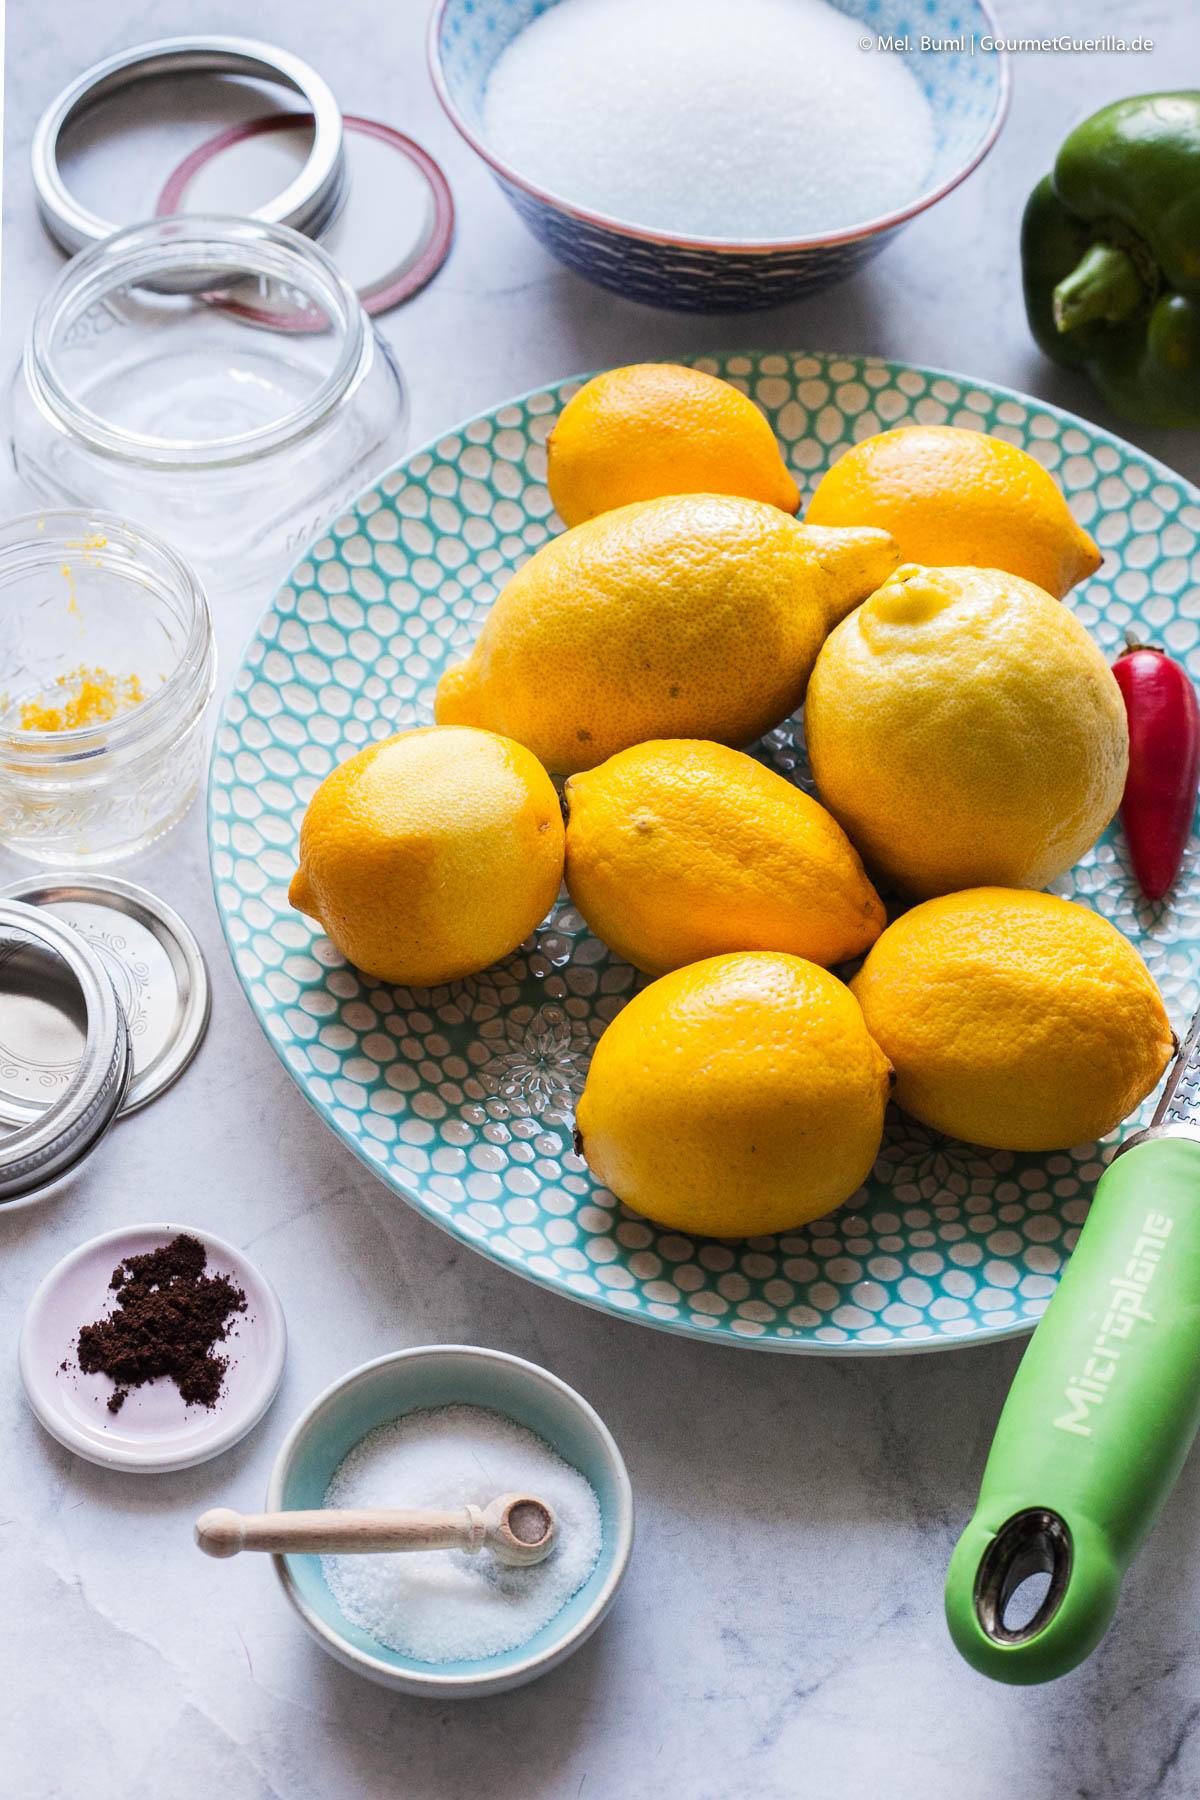 Zutaten für Pikante Zitronenmarmelade - perfekt zu Käse |GourmetGuerilla.de